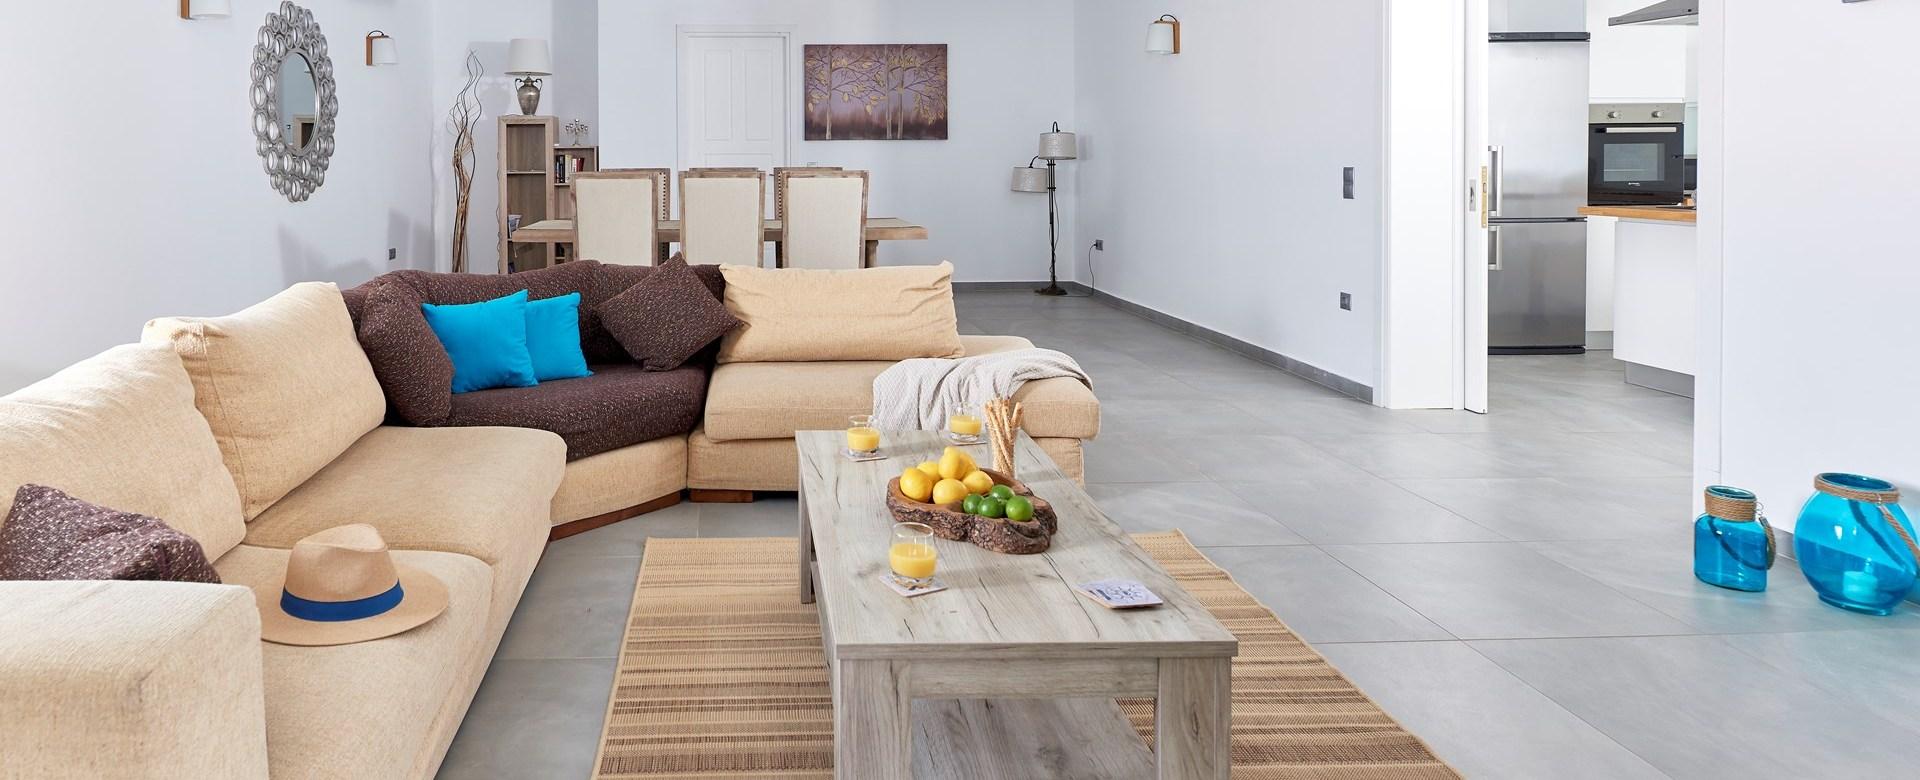 3-bedroom-corfu-villa-living-space